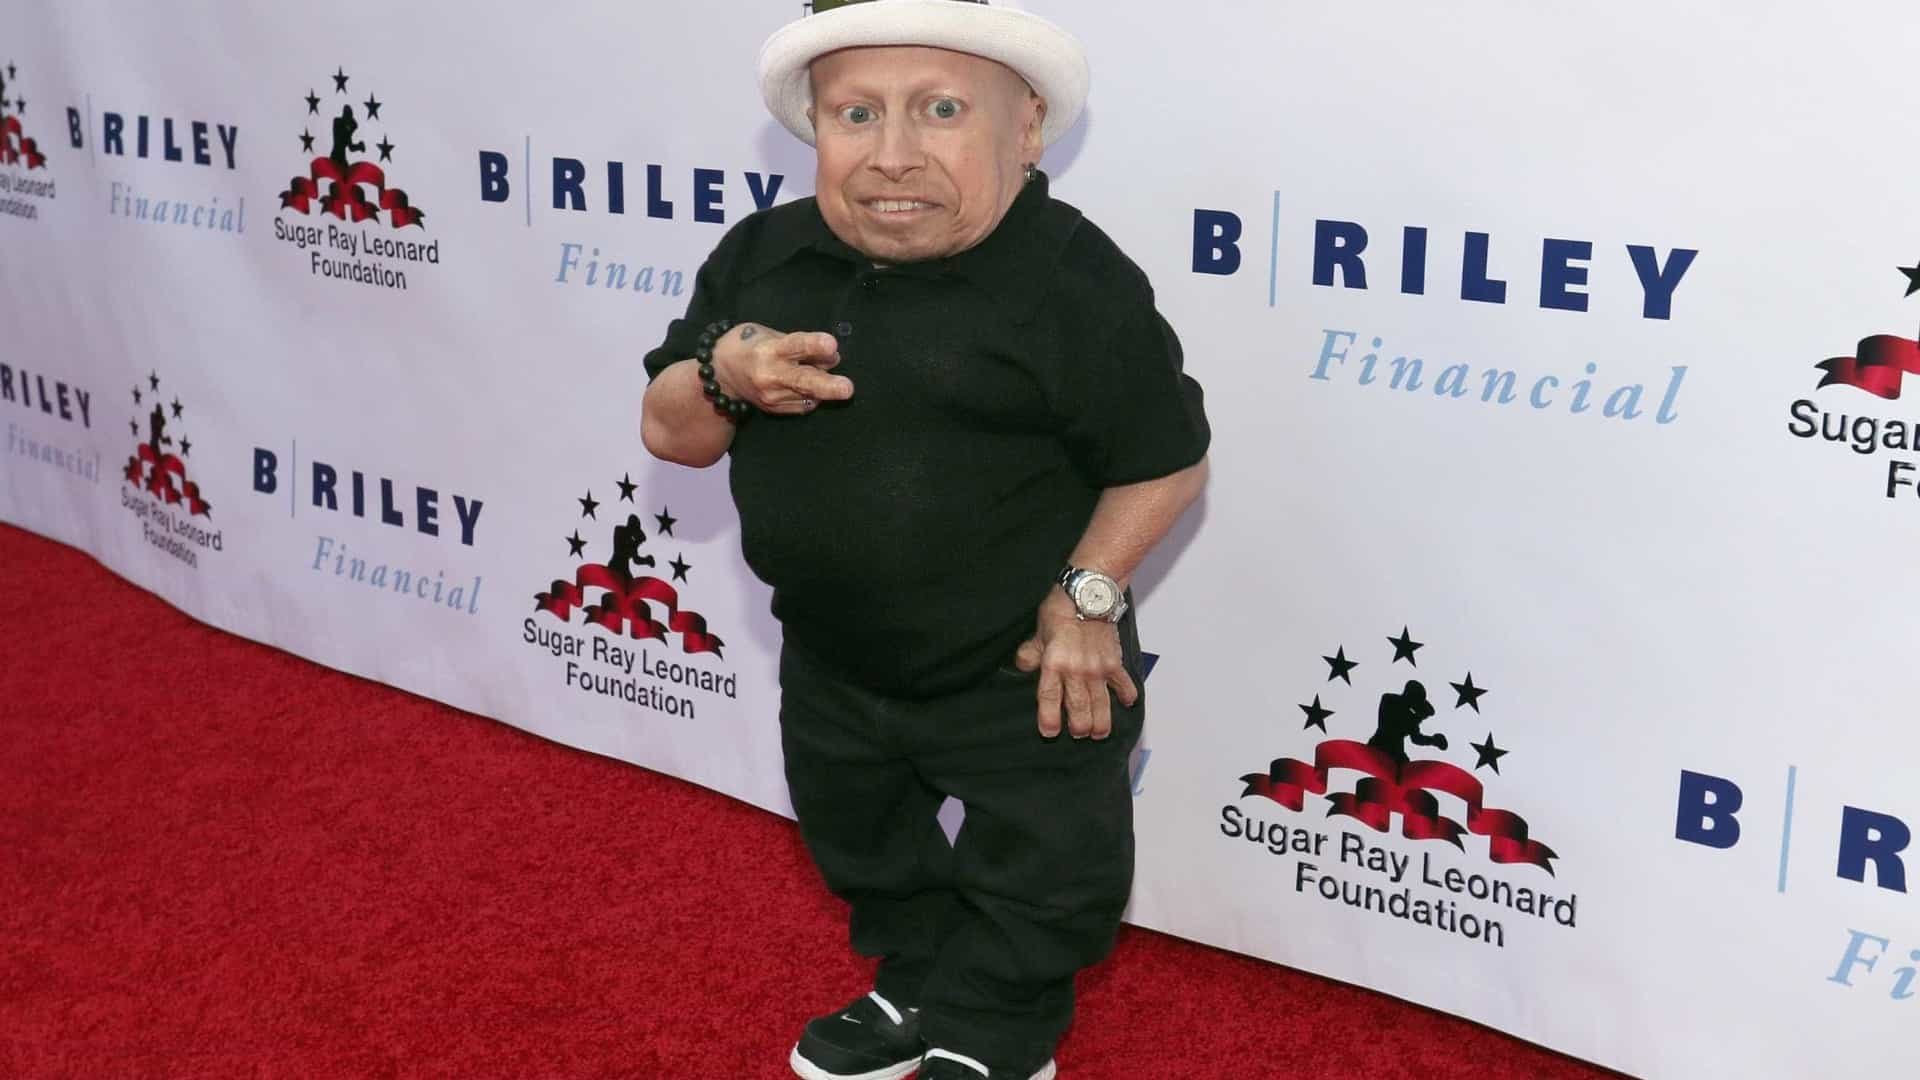 Morreu Verne Troyer, conhecido pelo papel de Mini Me em 'Austin Powers'